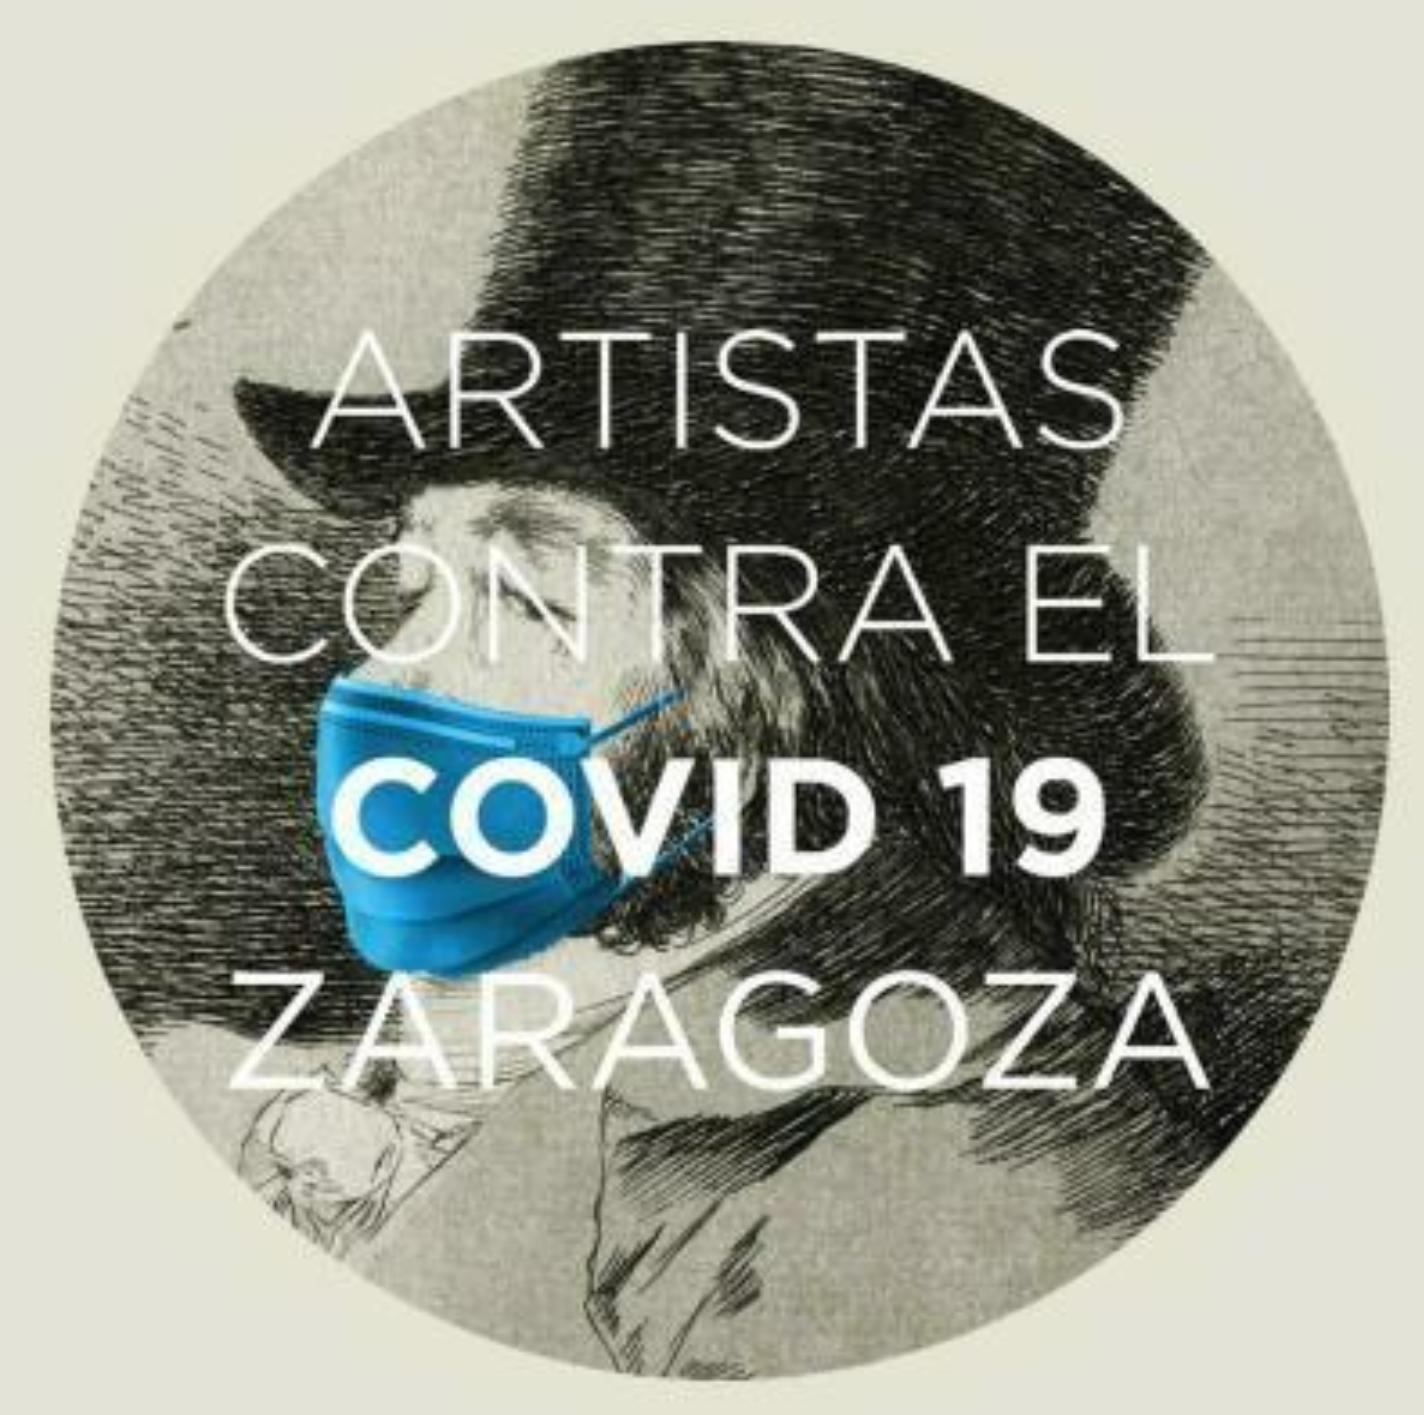 Artistas locales contra el COVID-19